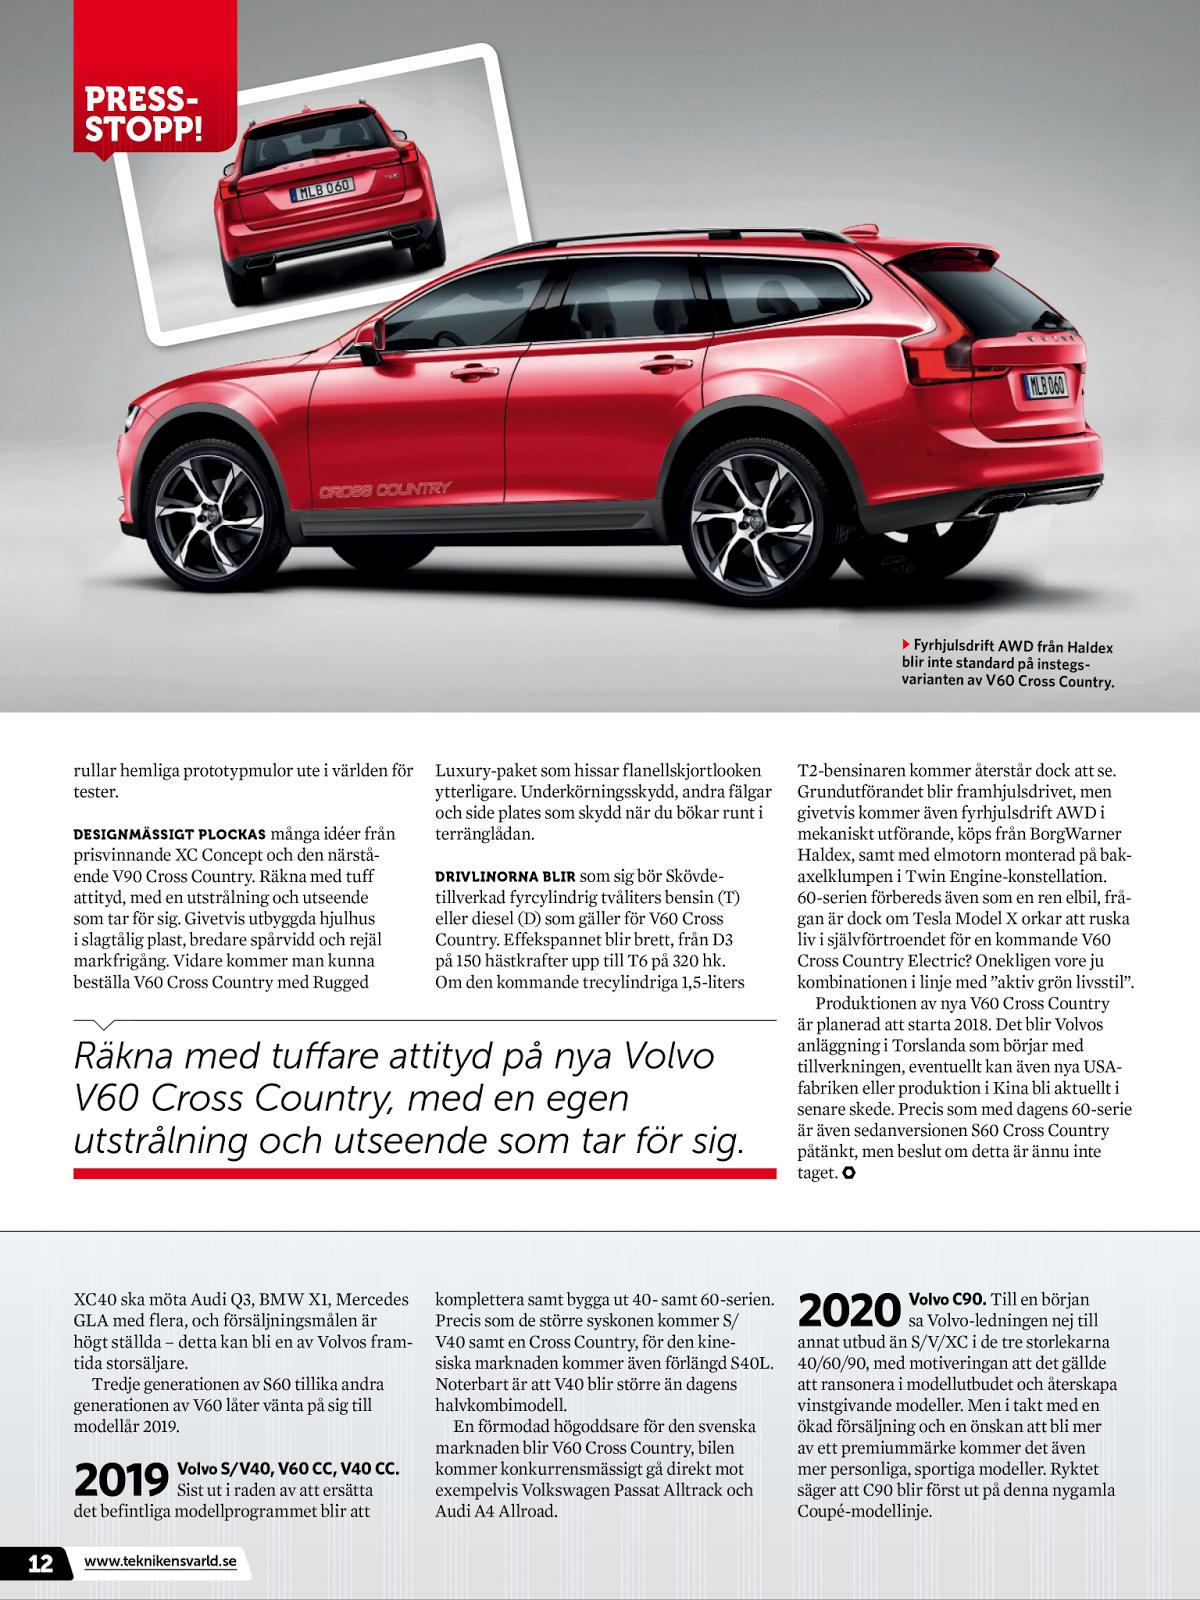 30 New När Kommer Volvo 2020 Prices with När Kommer Volvo 2020